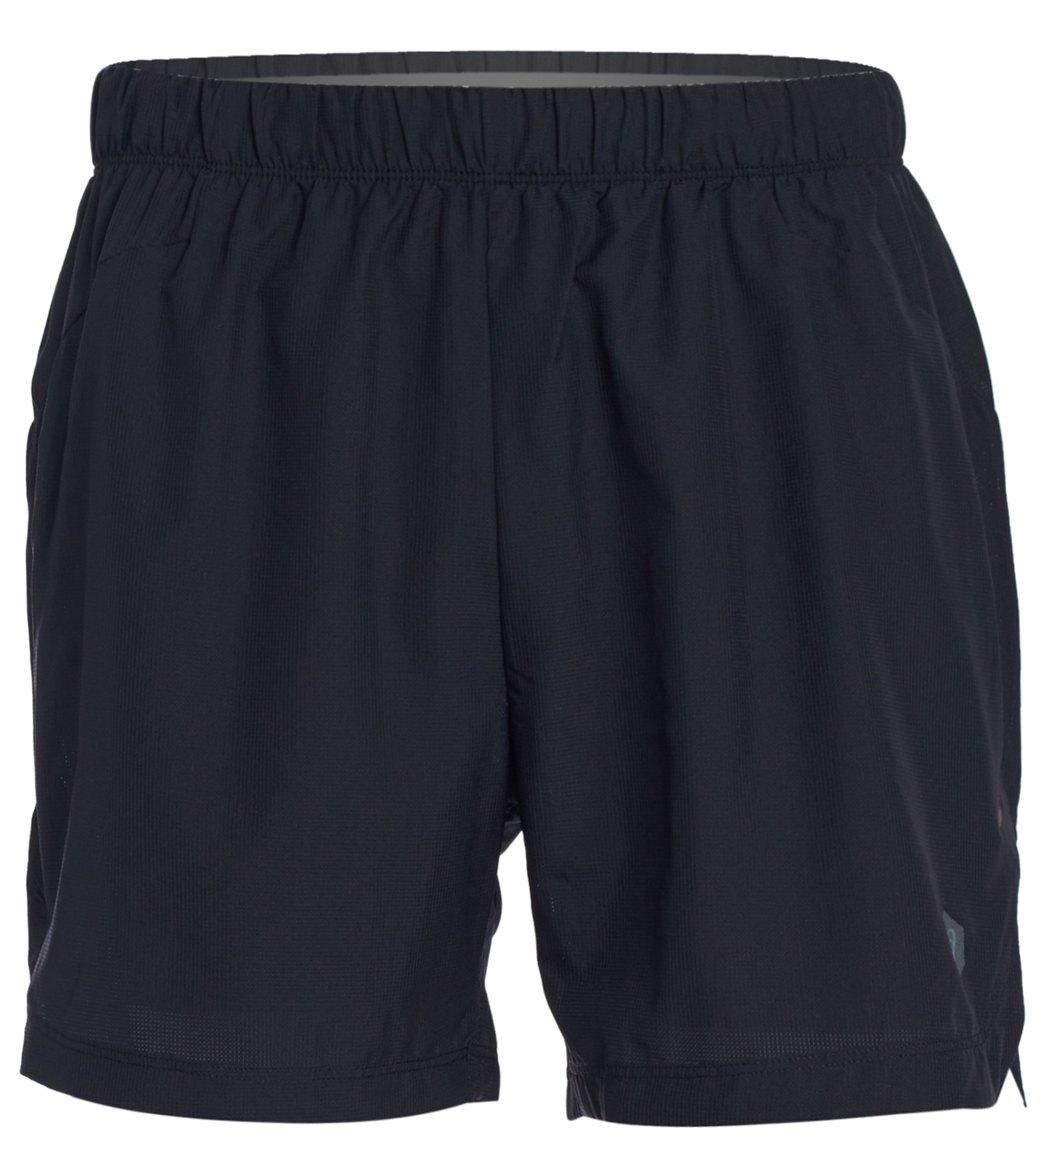 Short Asics pouces Men Asics s Cool 2 en 1 5 5 pouces à 0210088 - nobopintu.website